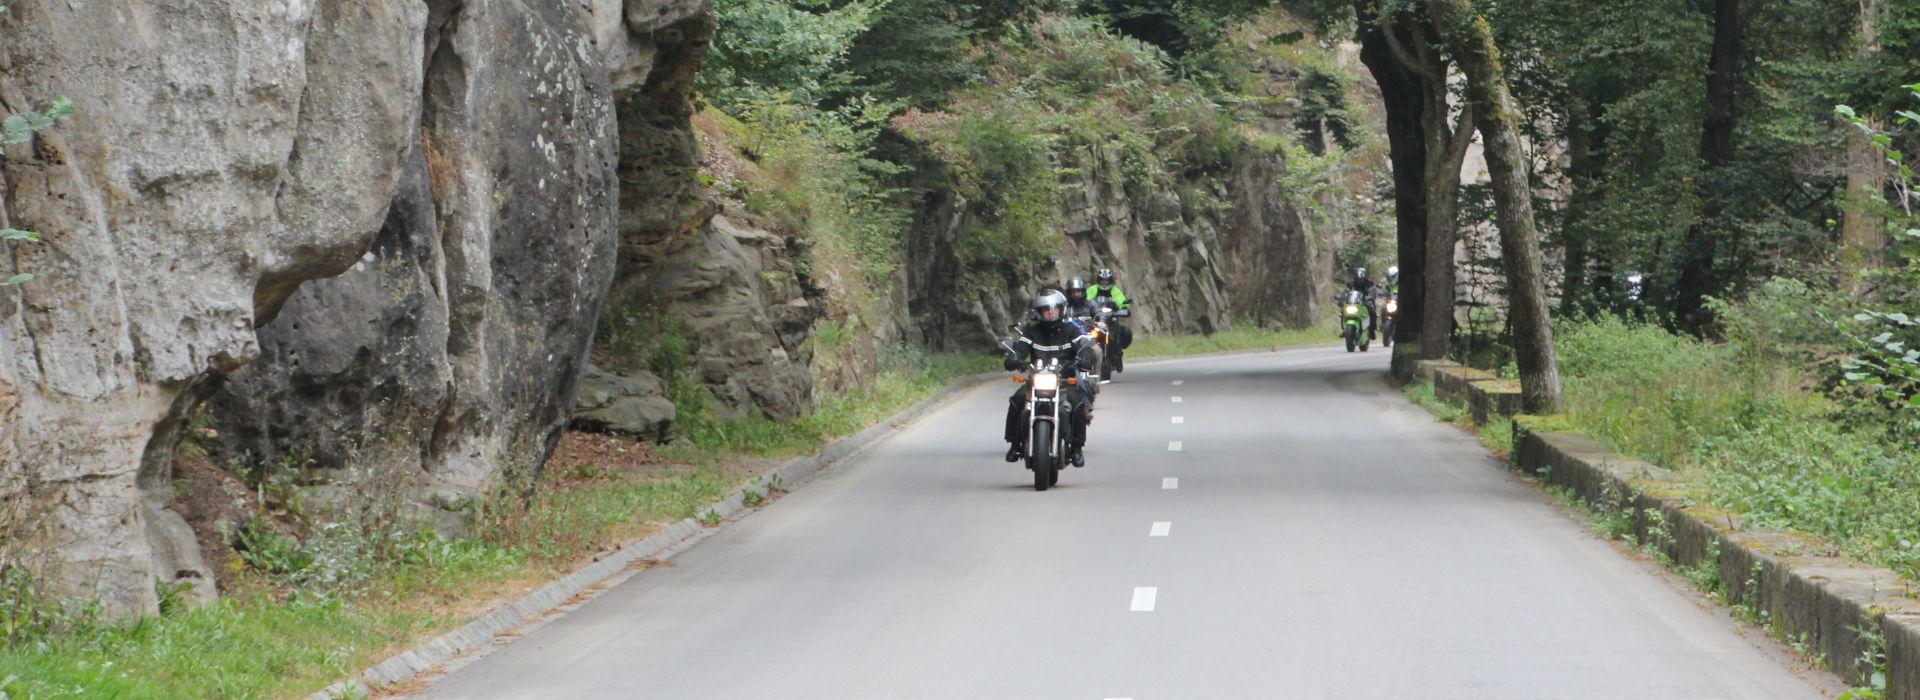 Motorrijbewijspoint Wassenaar snel motorrijbewijs halen